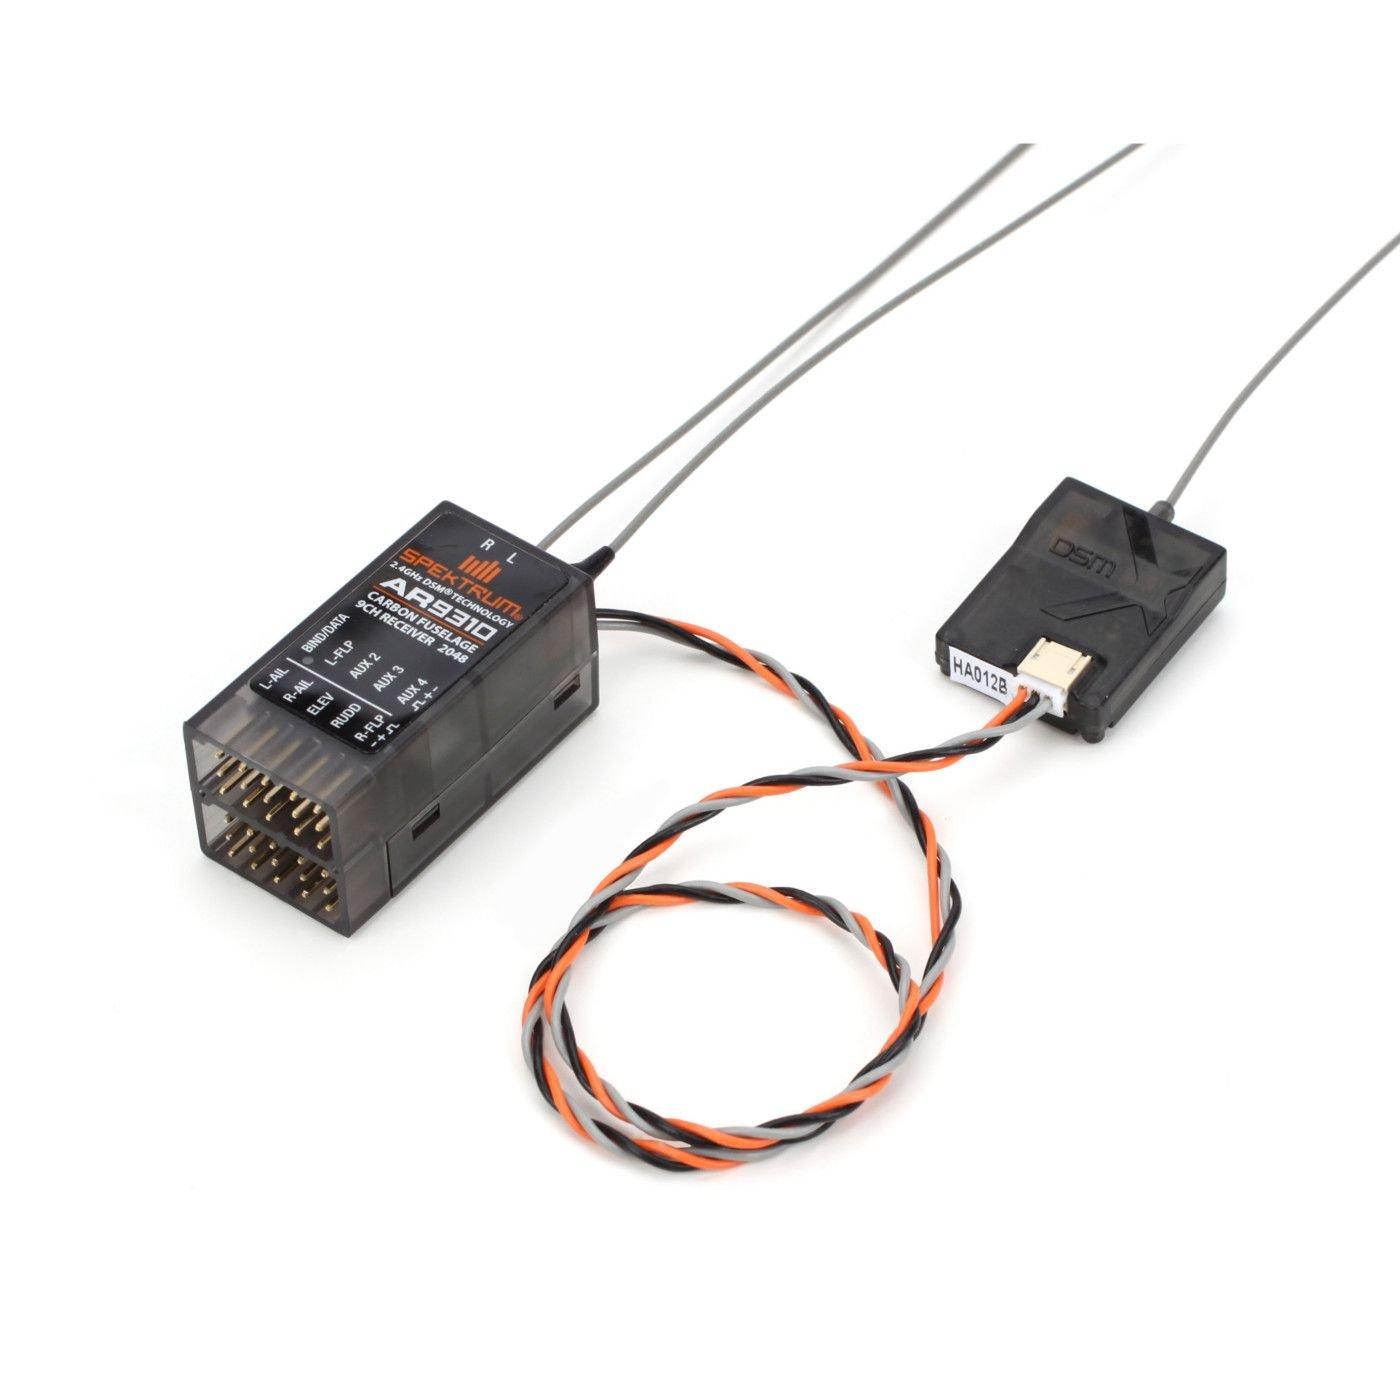 Spektrum SPMAR9310 parte de juguete - partes de juguetes DSM2 AIRMOD, Negro, 20,8 mm, 40,8 mm, 19,3 mm, 18,2 g